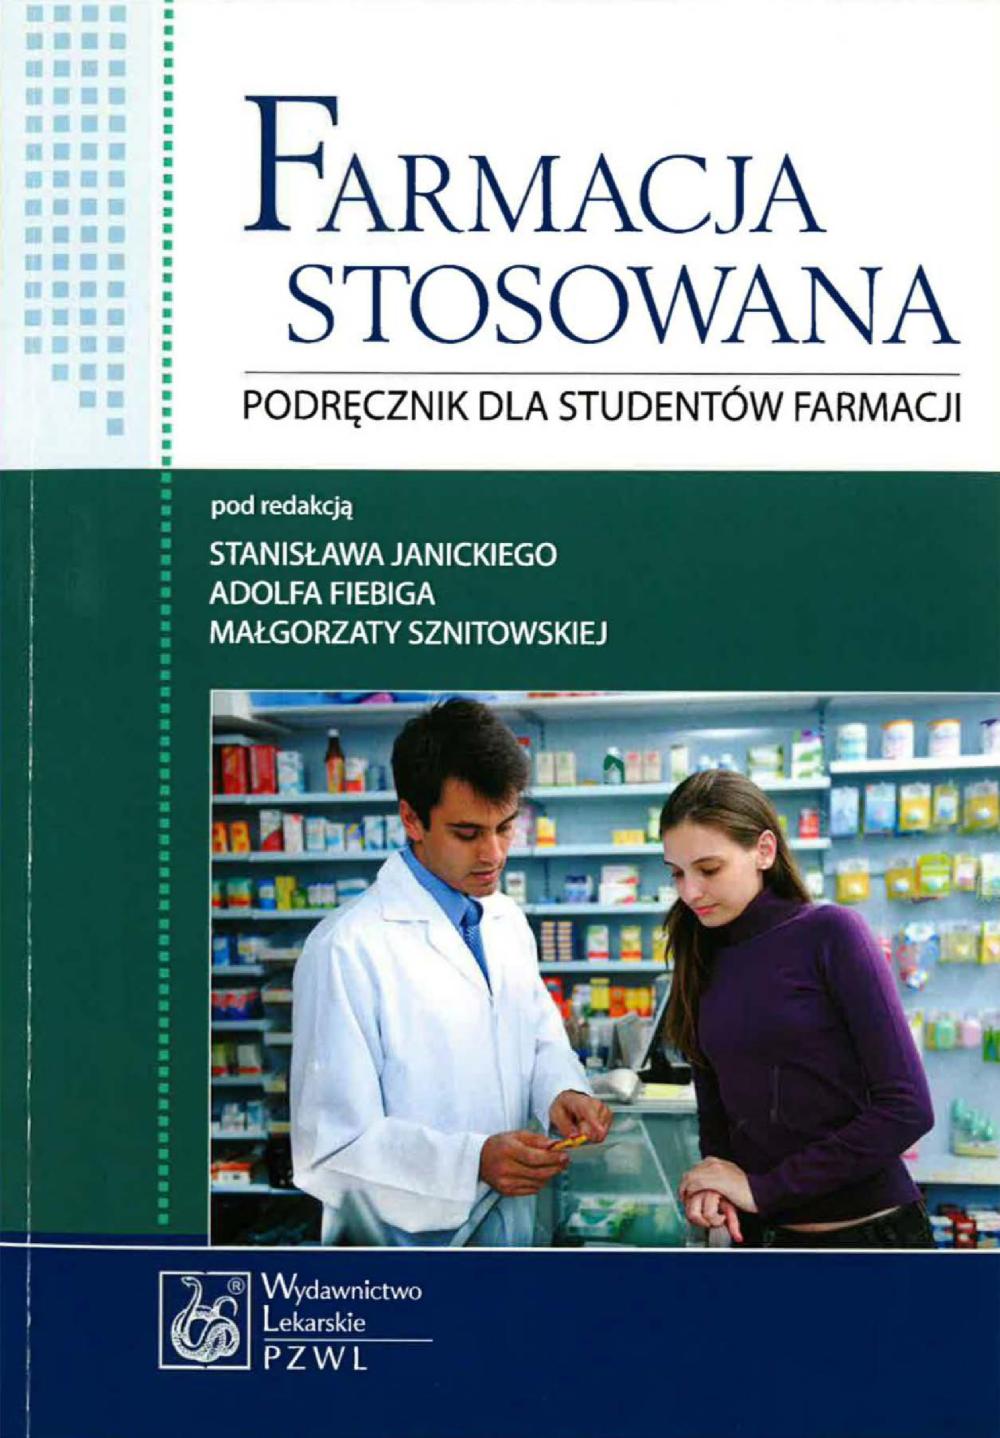 farmacja stosowana janicki pdf chomikuj